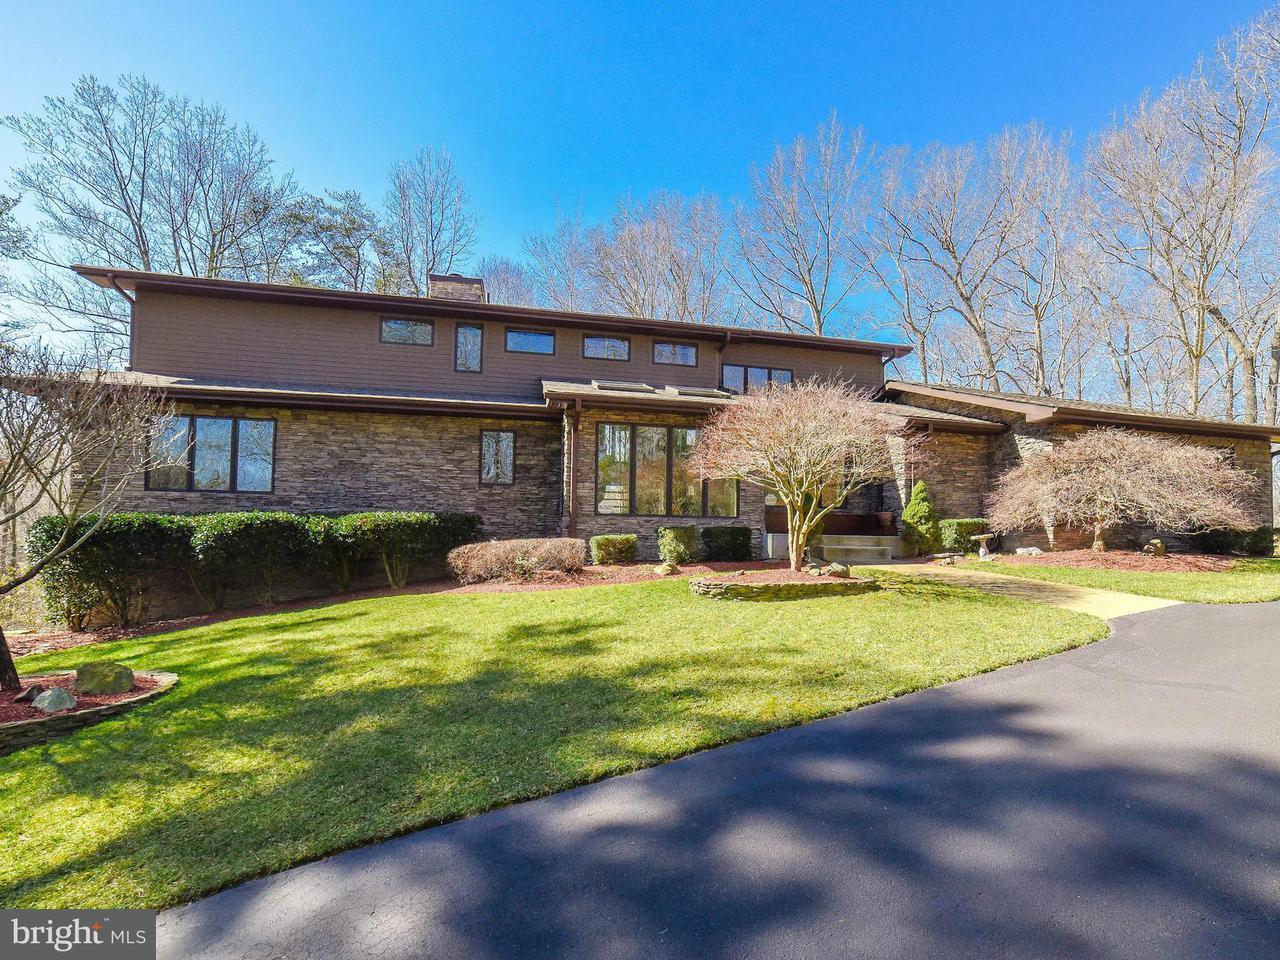 Частный односемейный дом для того Продажа на 6010 Stanley Run Place 6010 Stanley Run Place Hughesville, Мэриленд 20637 Соединенные Штаты